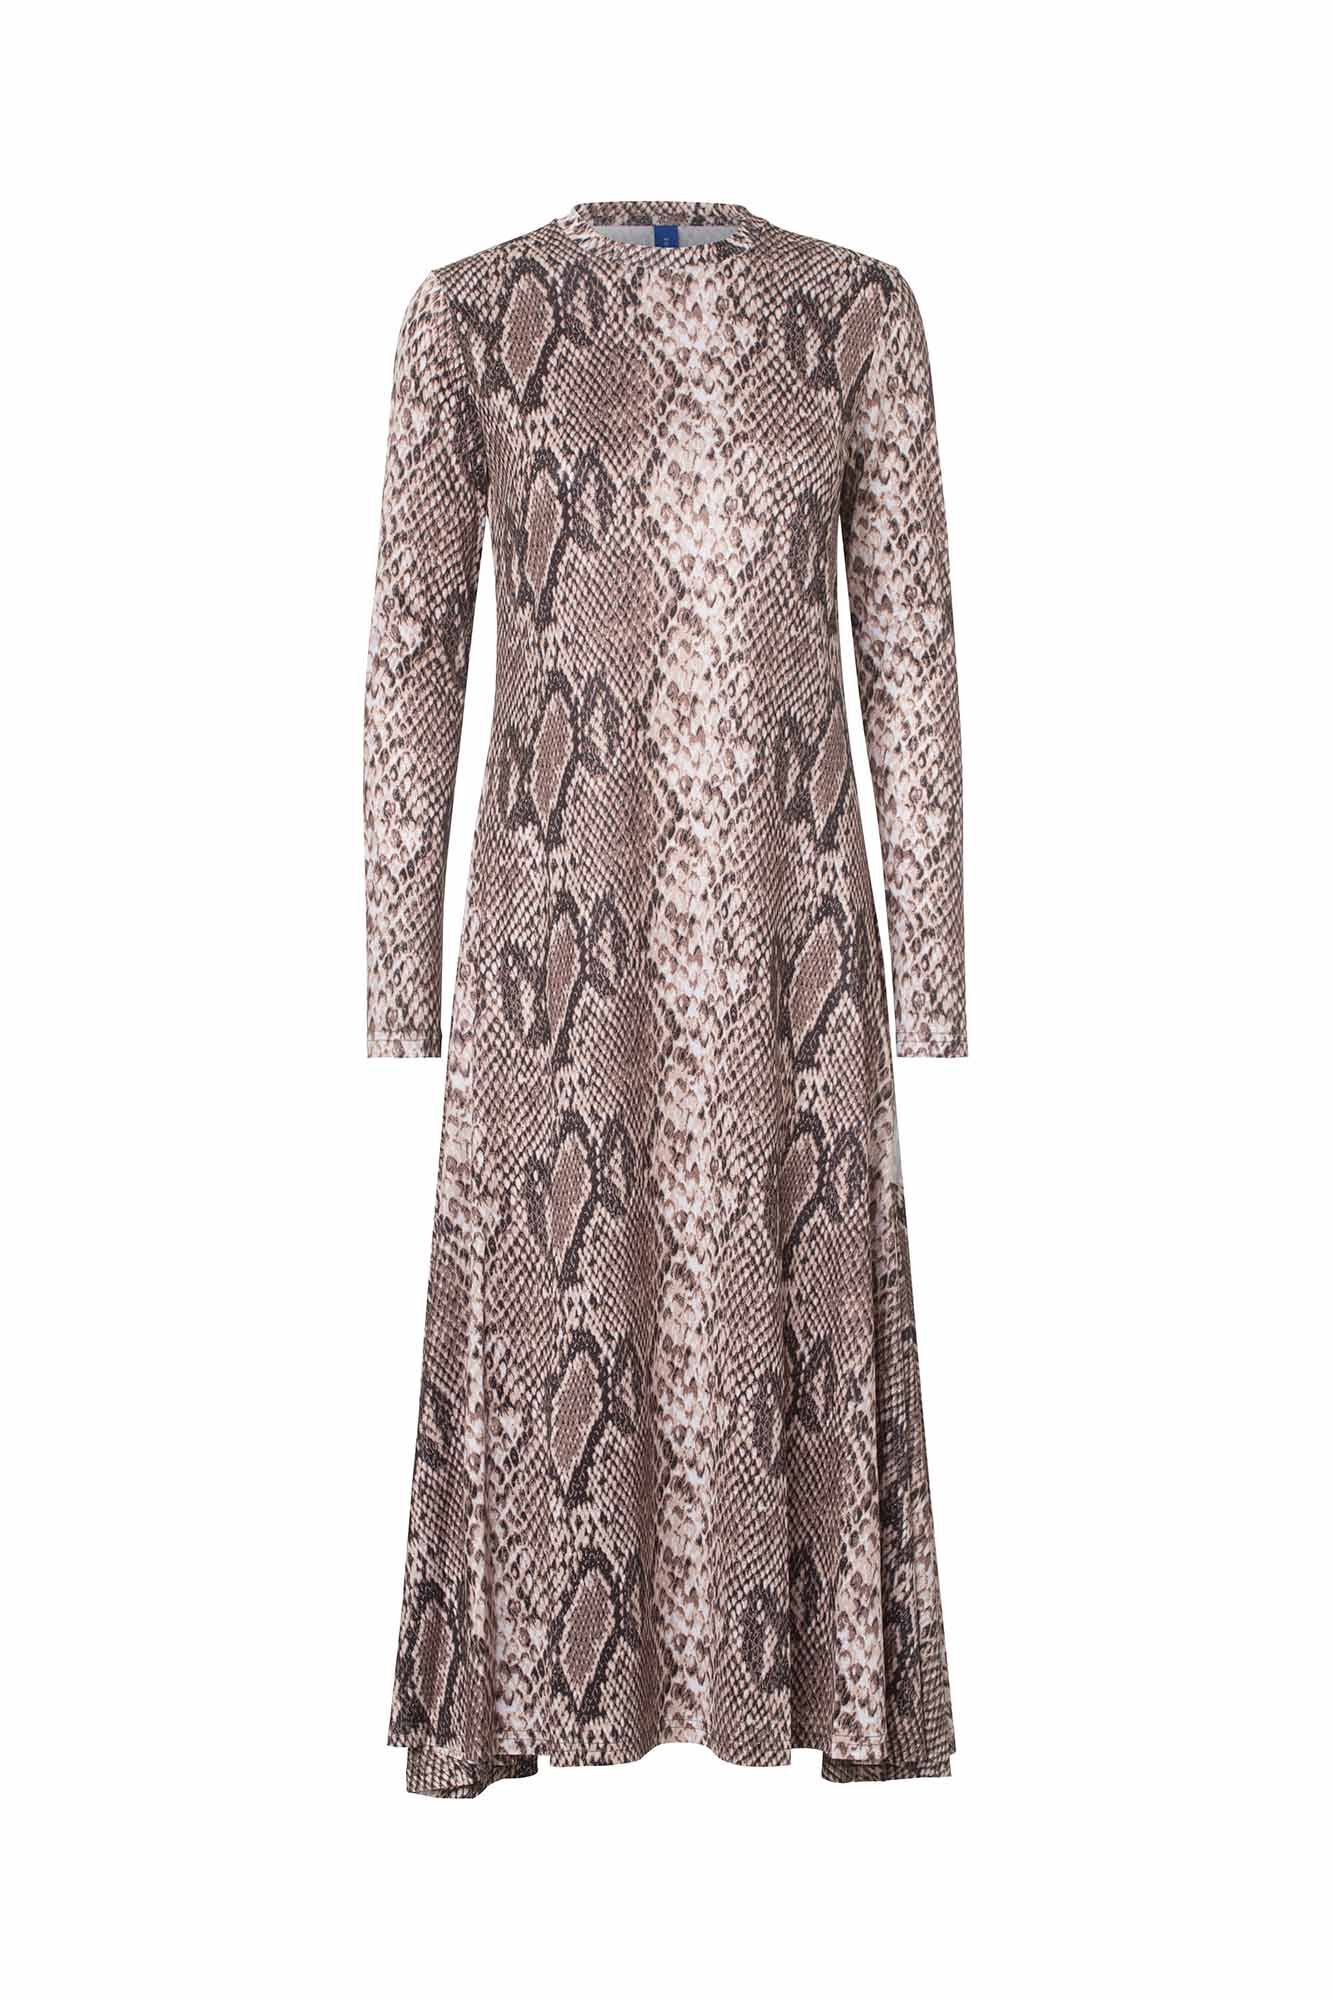 Paris dress 05280309